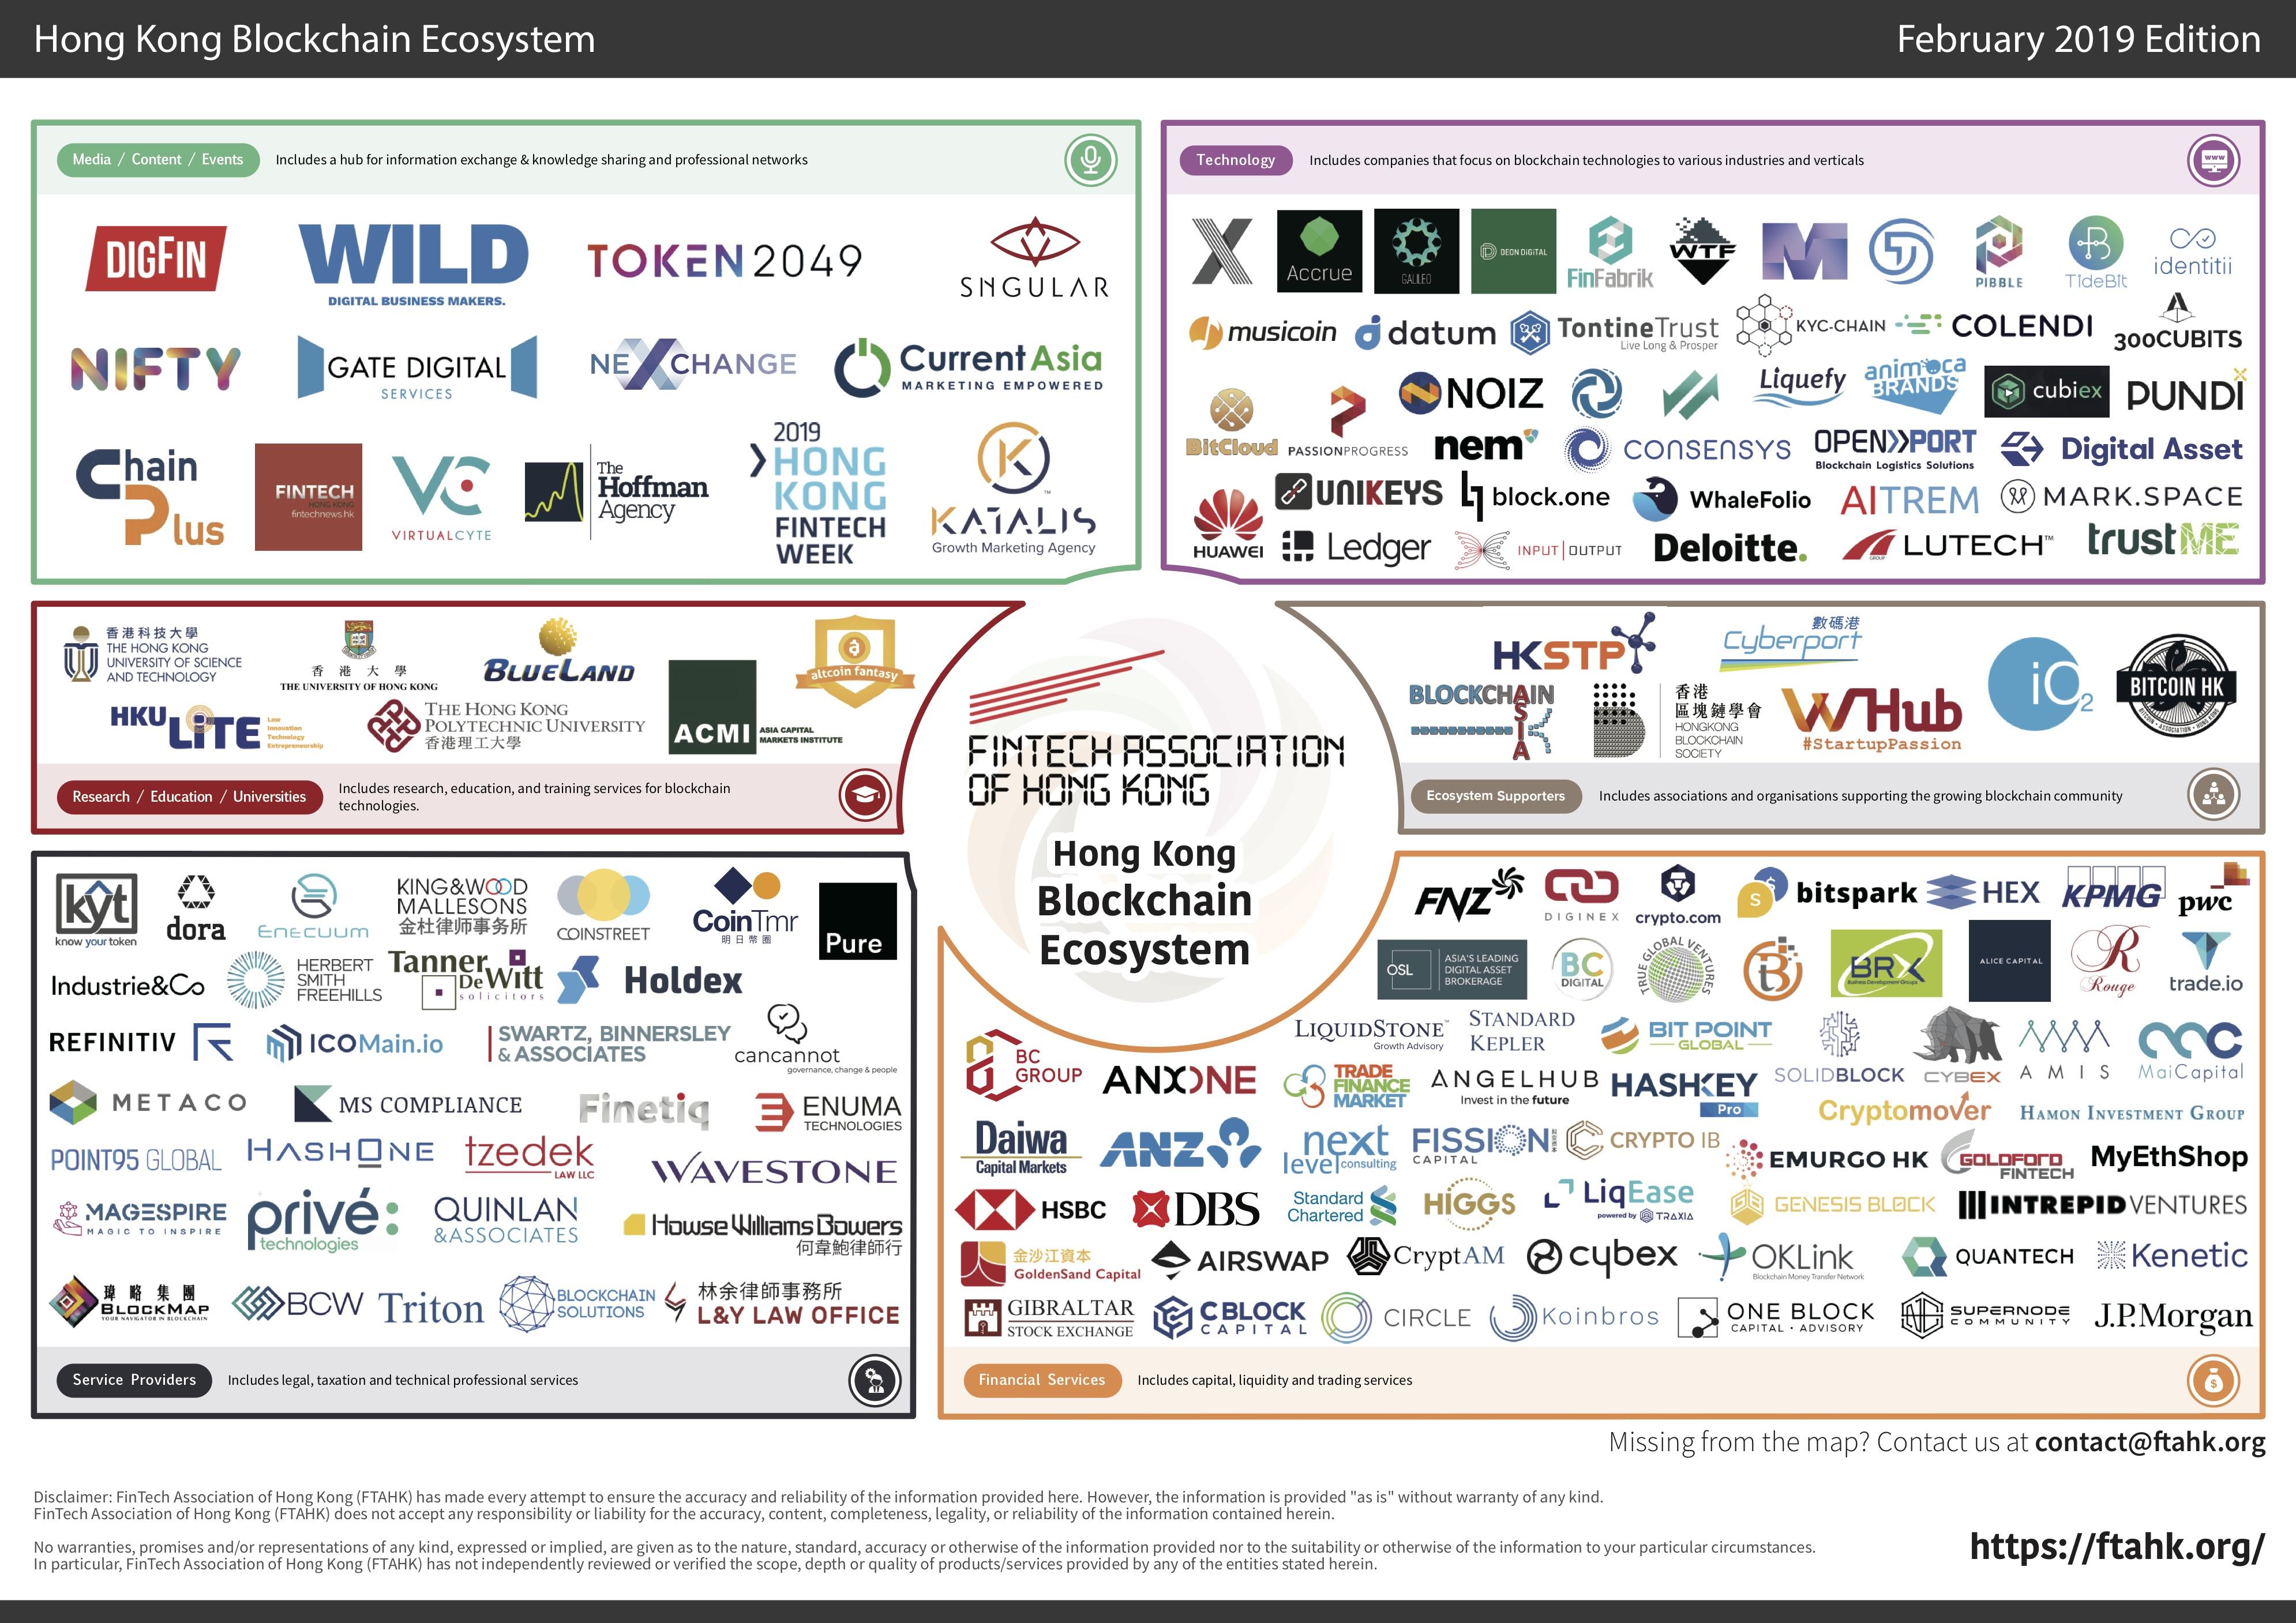 Hong Kong Blockchain Ecosystem, Fintech Association of Hong Kong